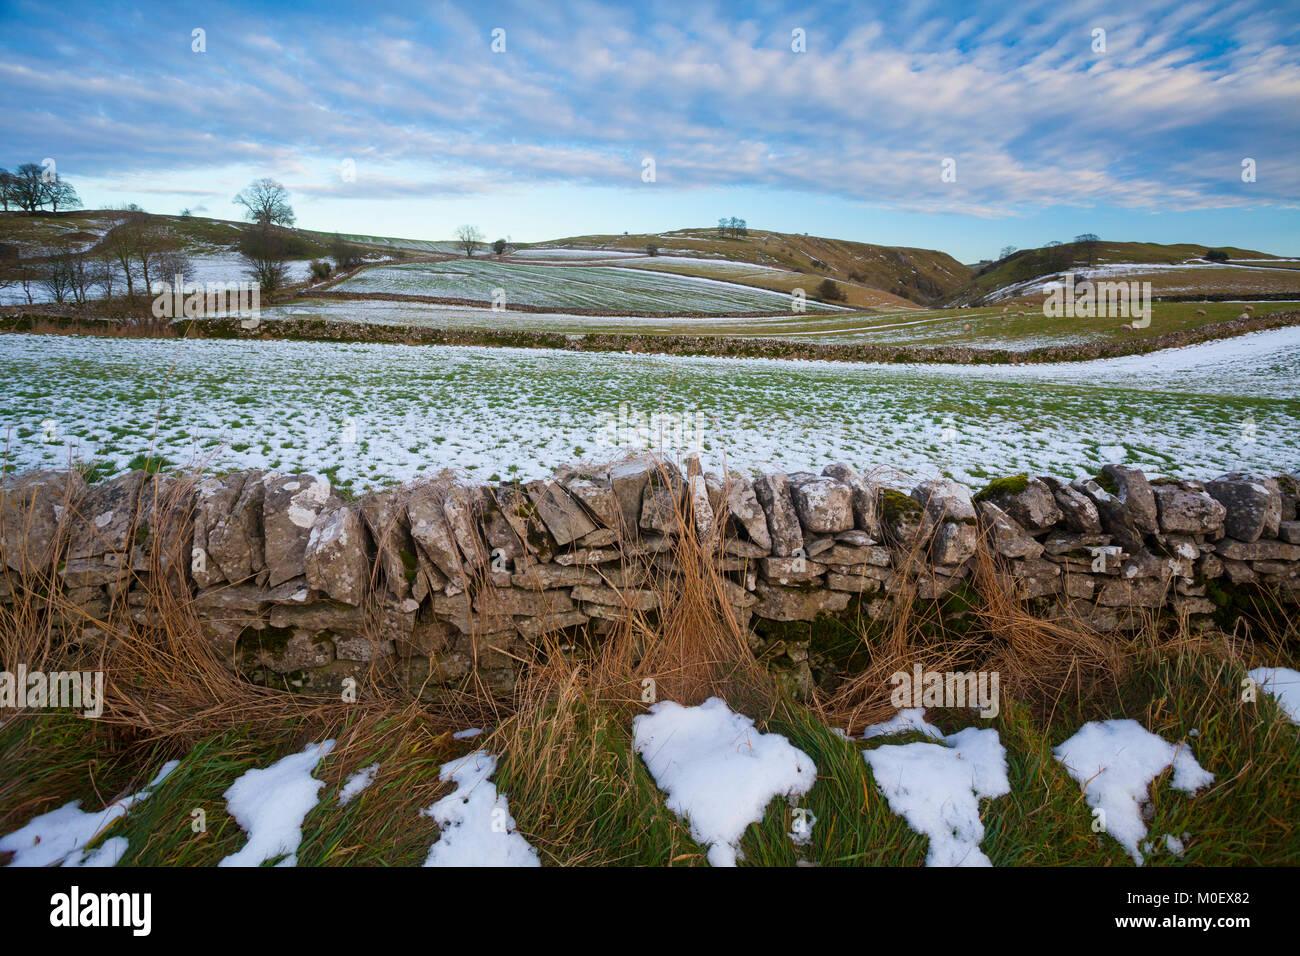 PEAK DISTRICT NATIONAL PARK, Stanshope, Ashbourne, Derbyshire, UK. Januar Stockbild